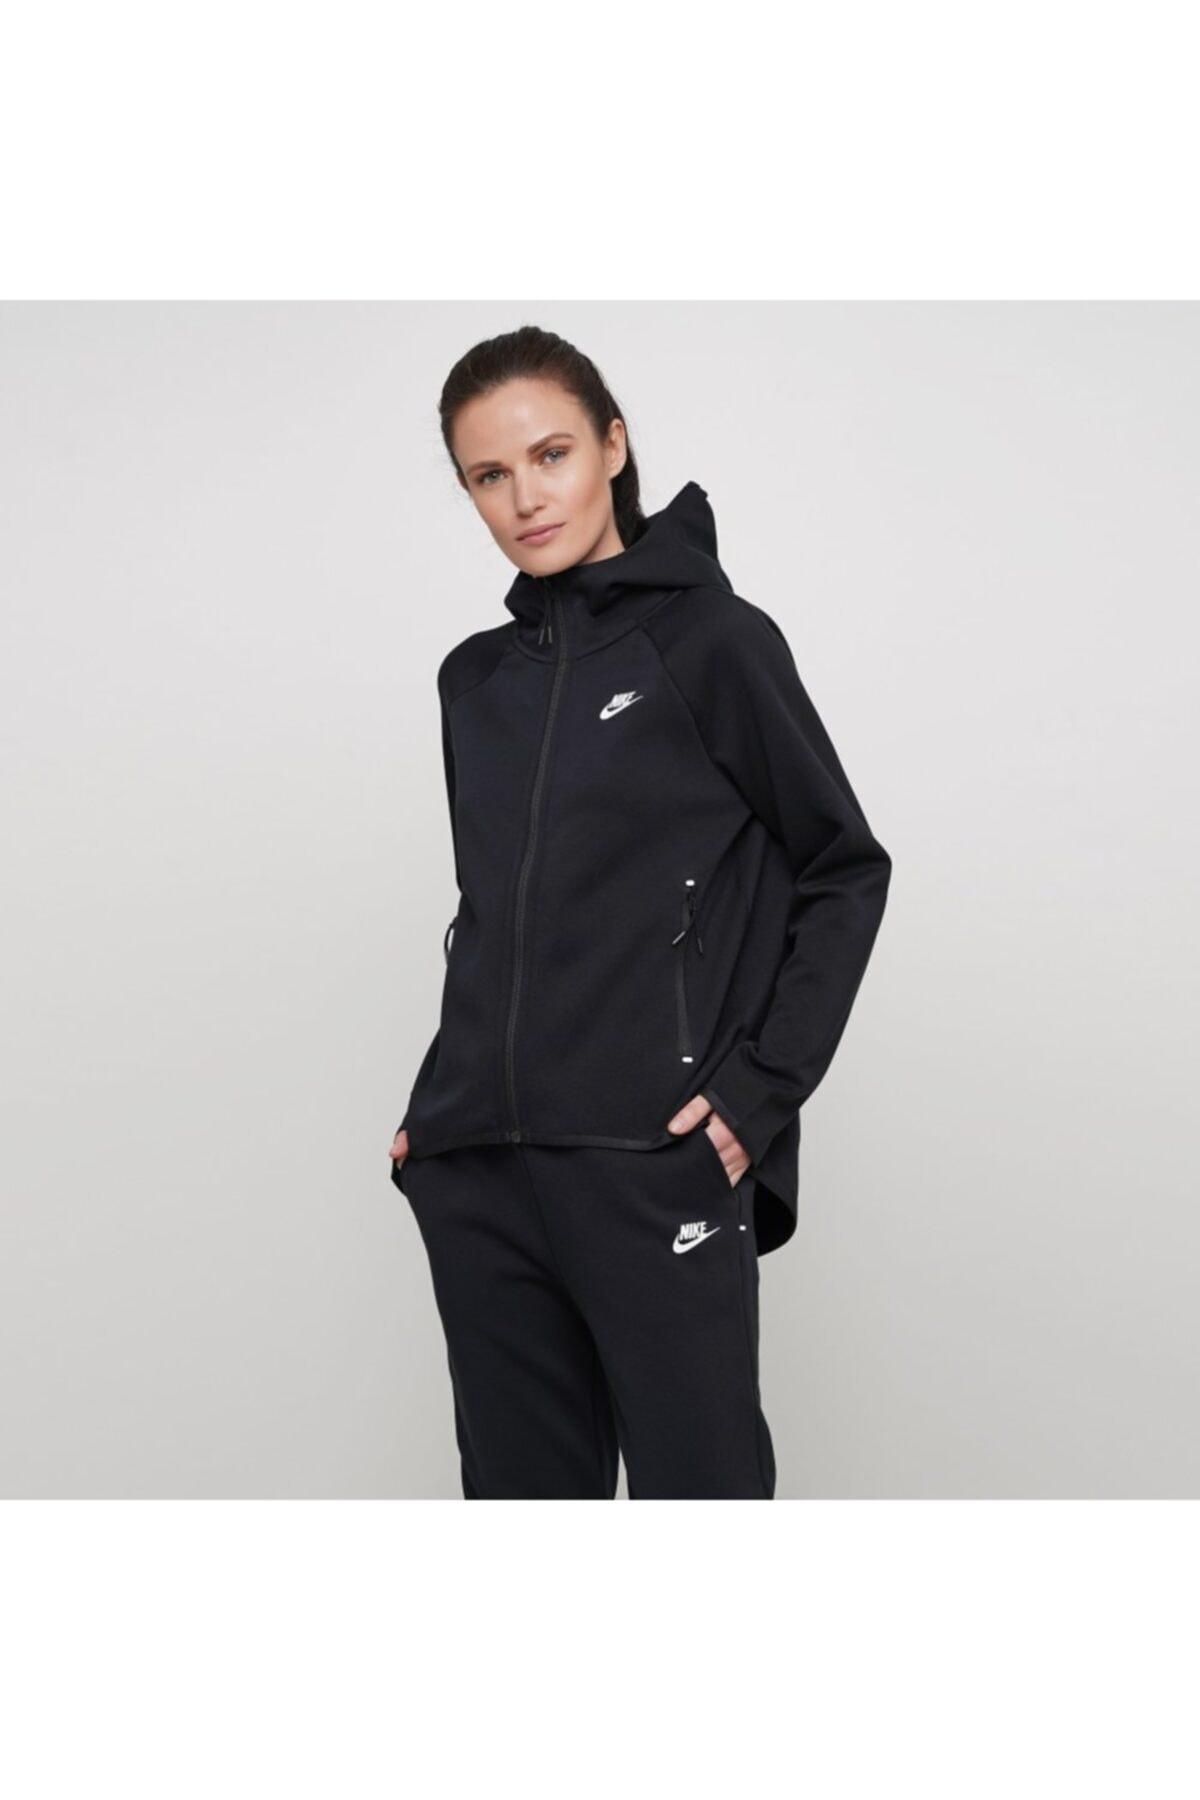 سفارش گرمکن ورزشی زنانه ارزان برند نایک رنگ بژ کد ty75189052